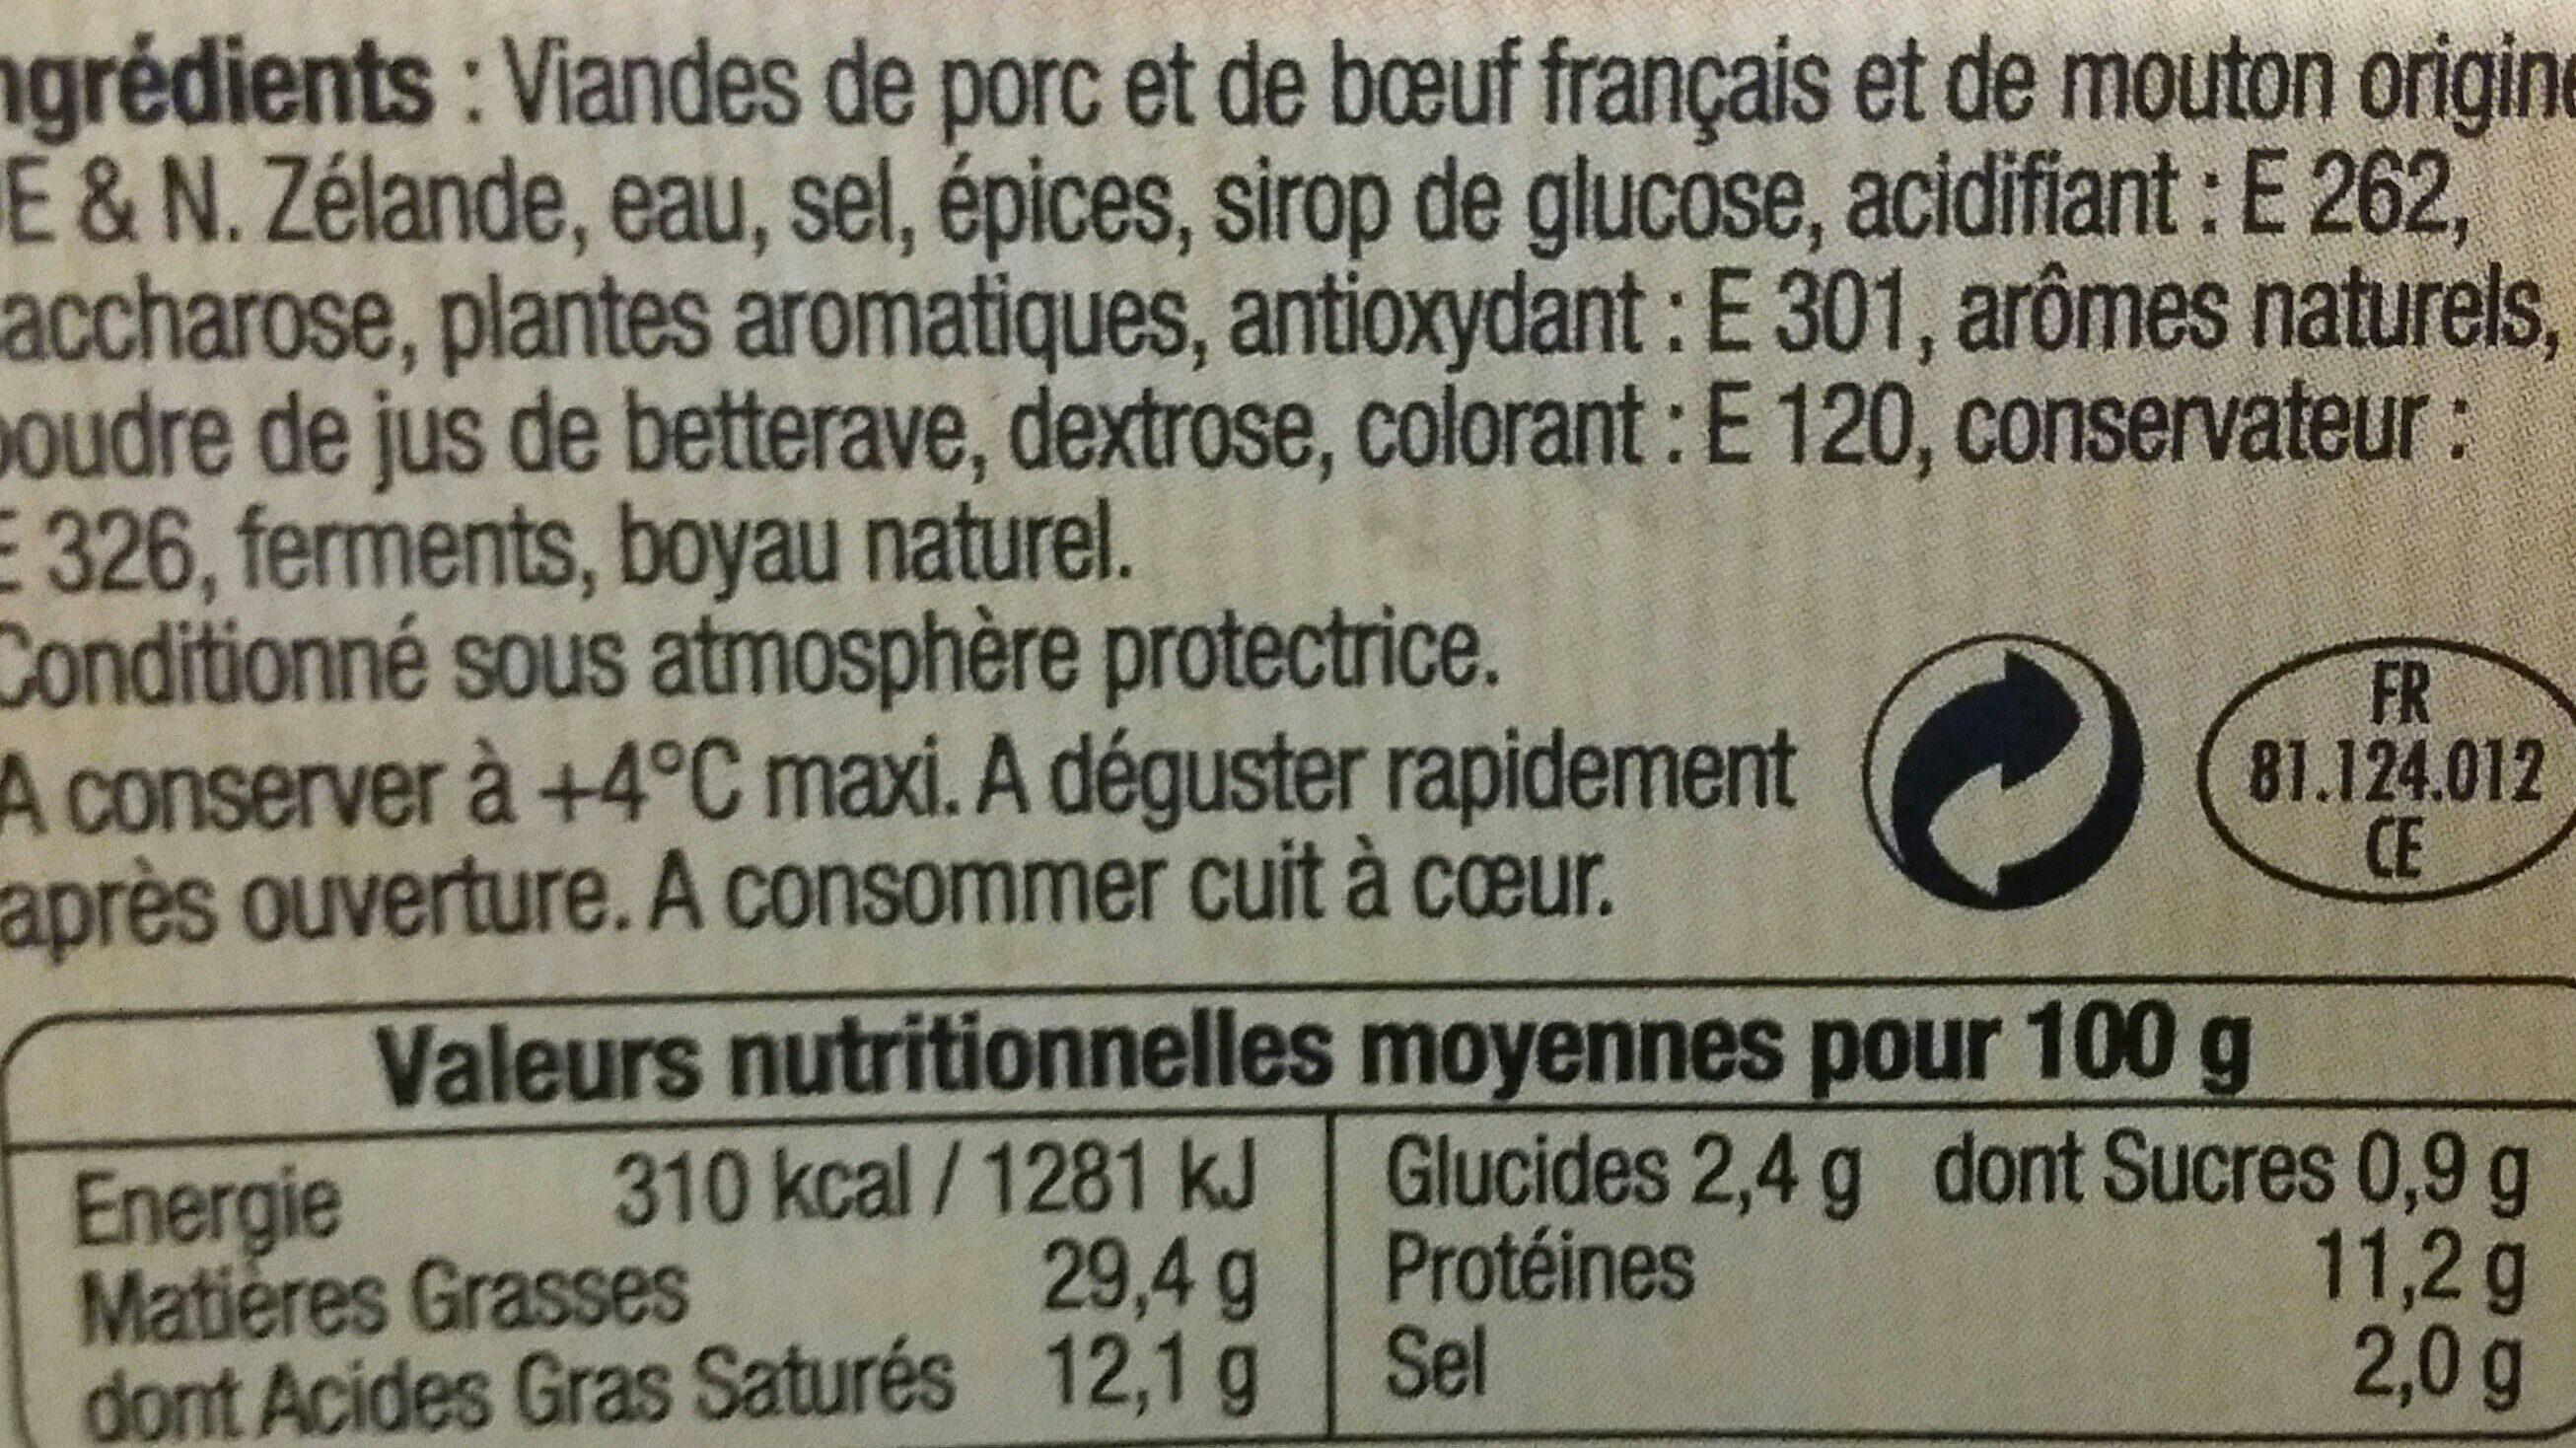 Merguez barquette - Ingrédients - fr